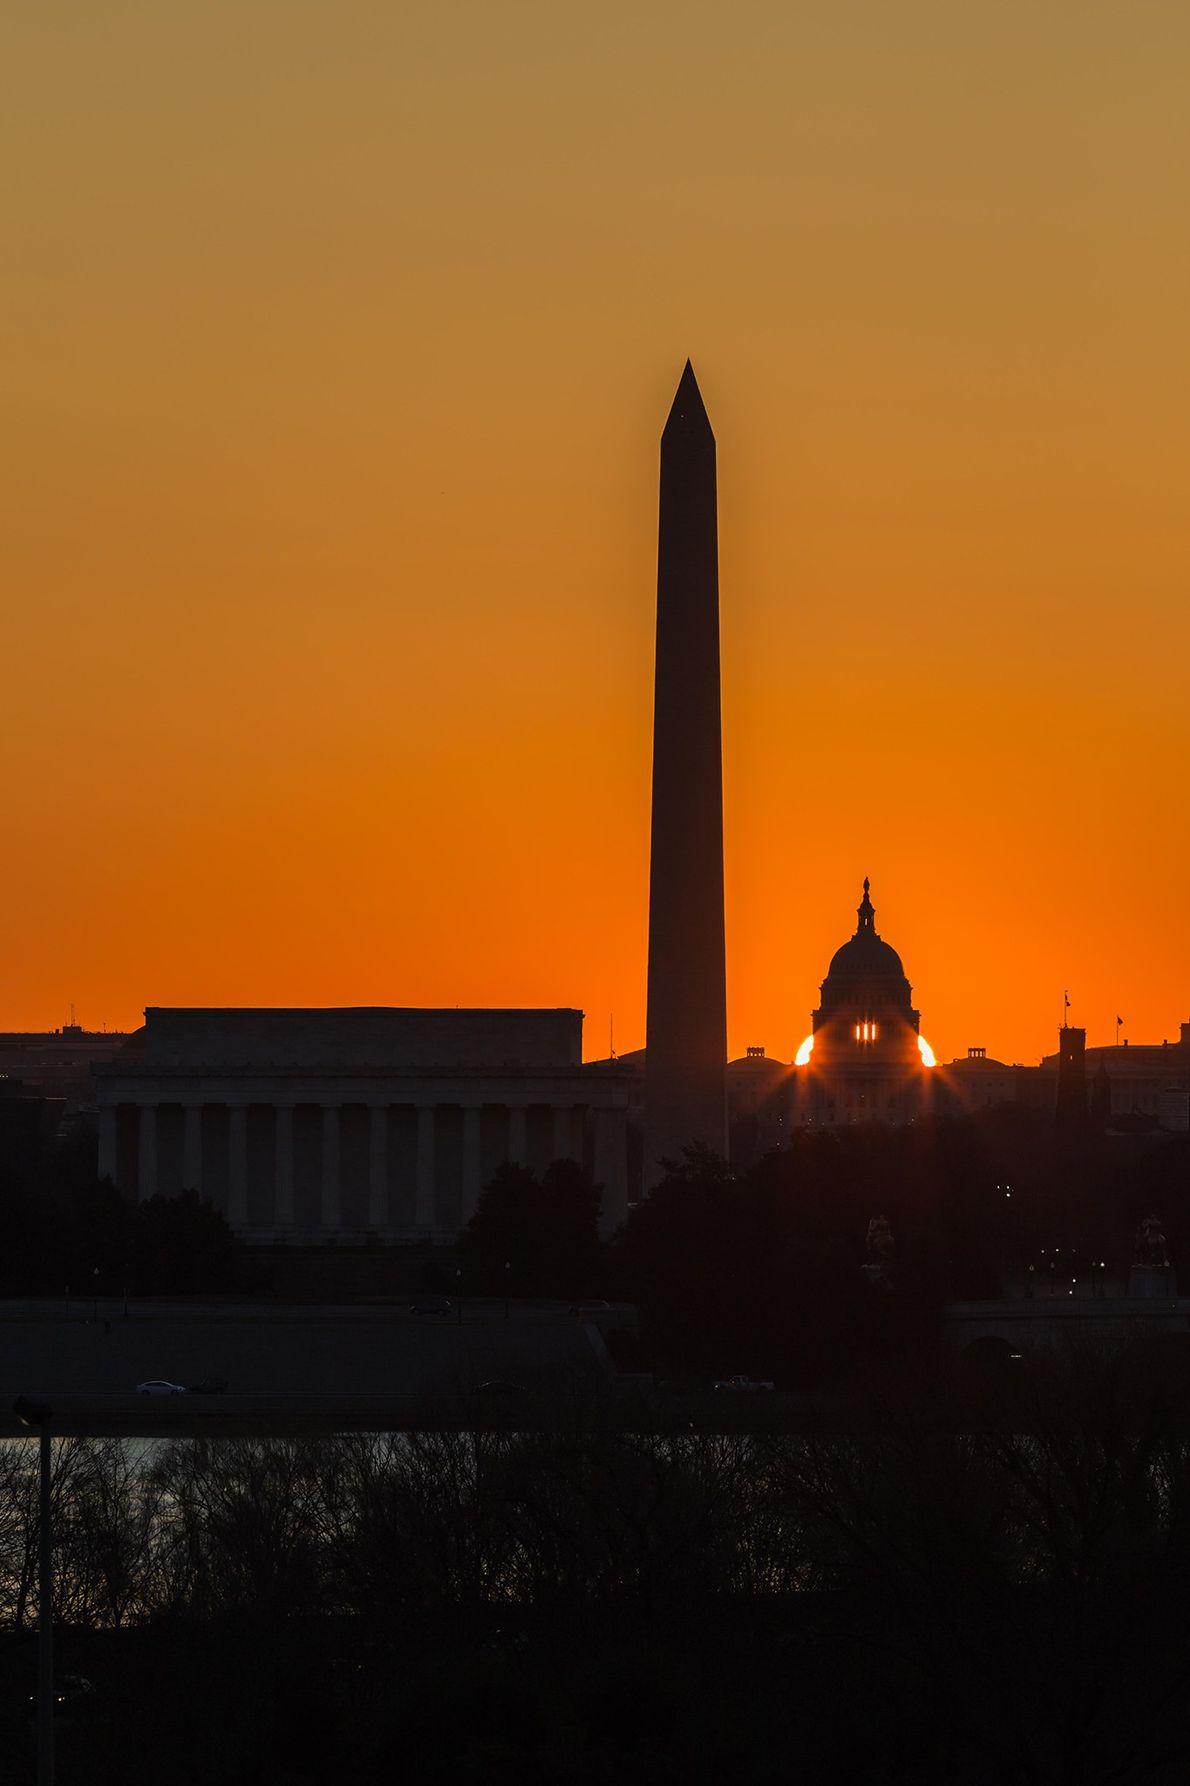 Die Sonne geht hinter dem Kapitol in der US-Hauptstadt Washington, D.C. auf, als die Tagundnachtgleiche näher ...